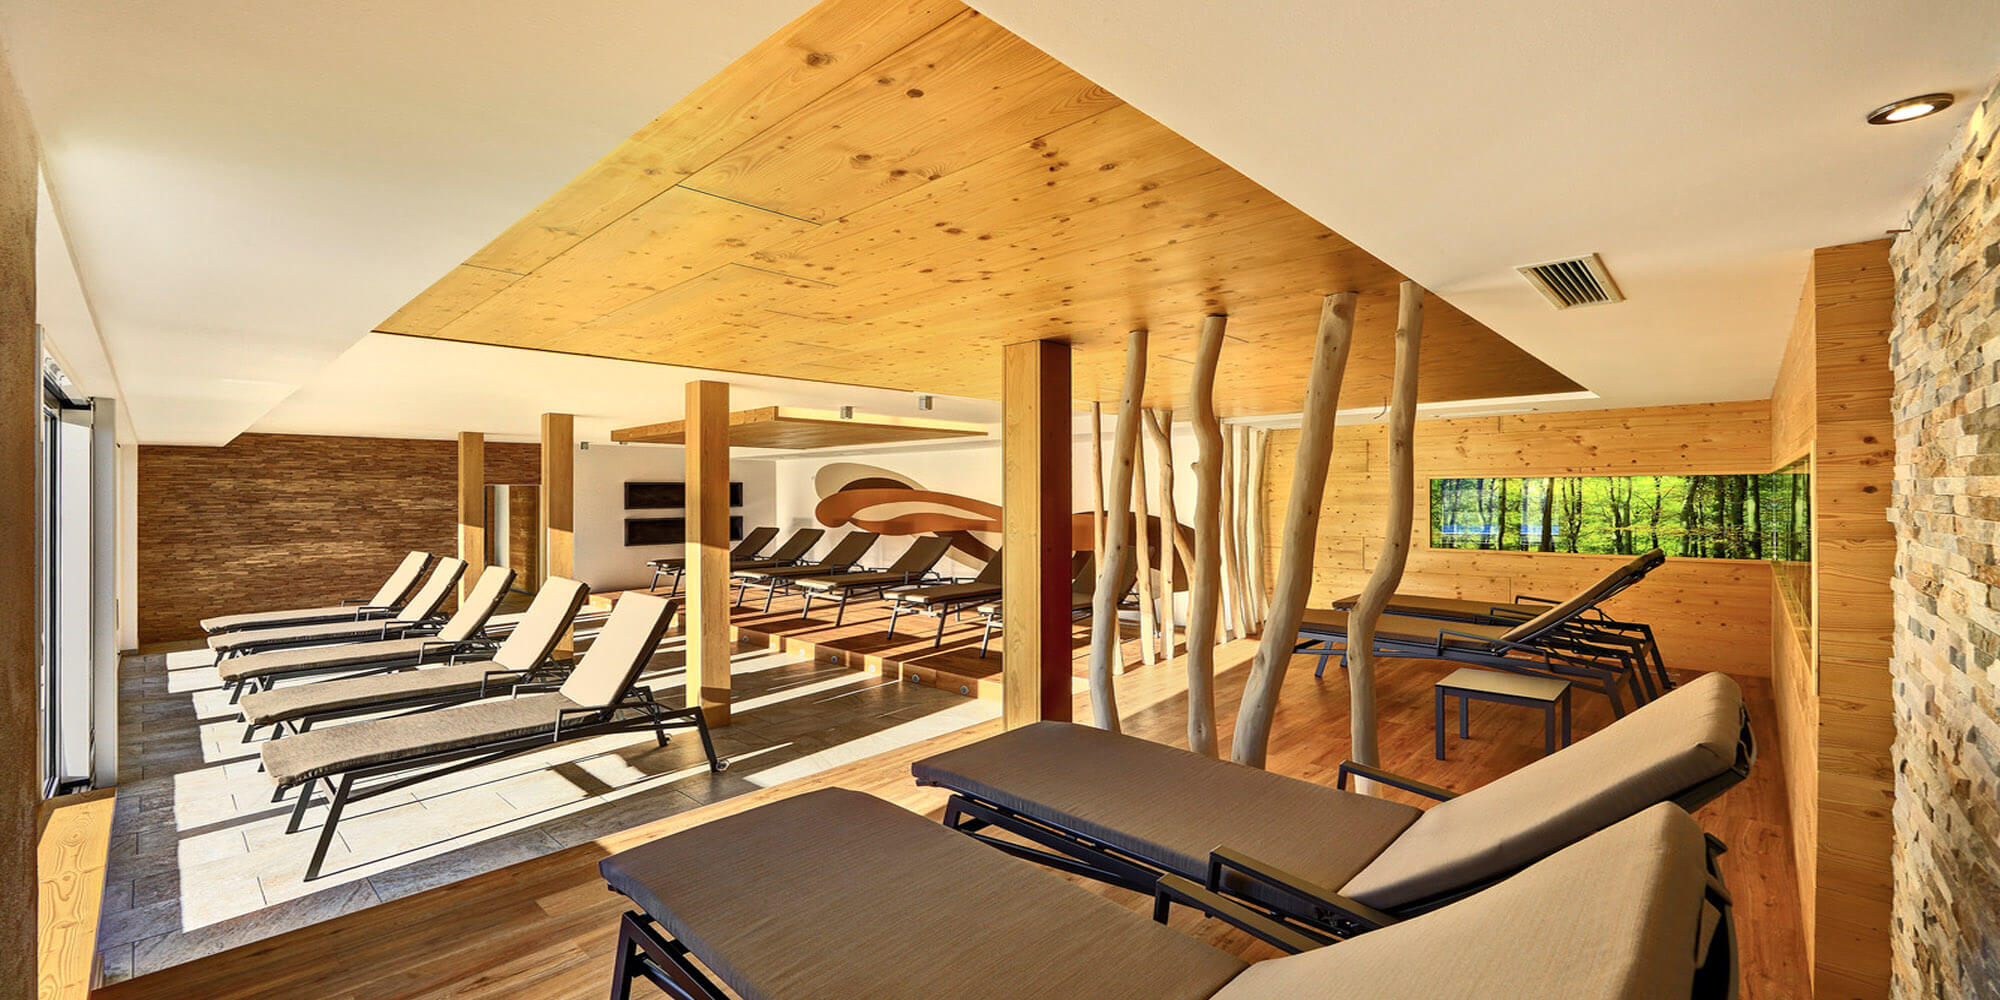 Crea-Plan-Design-Rauch-Frühmann-Architektur-Innenarchitektur-Design-Projekt-Referenz-Hotelerie-Gastronomie-Hotel-Sporthotel-Zaton-Ruheraum-3